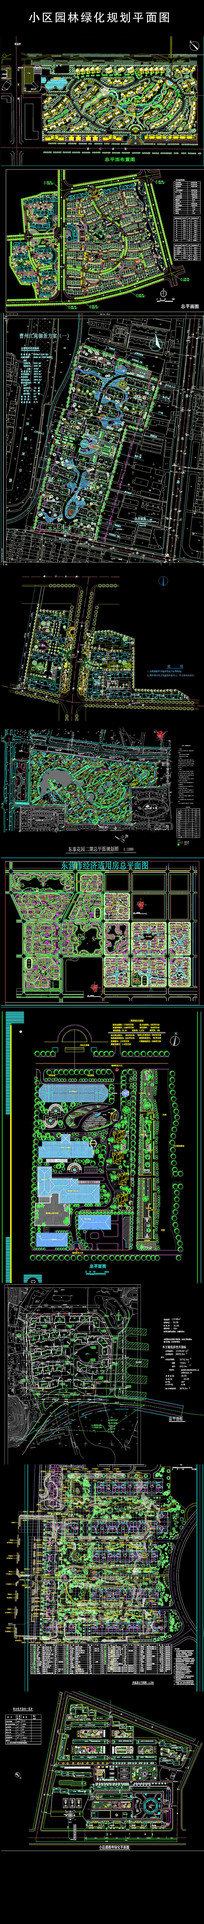 小区园林规划设计总图